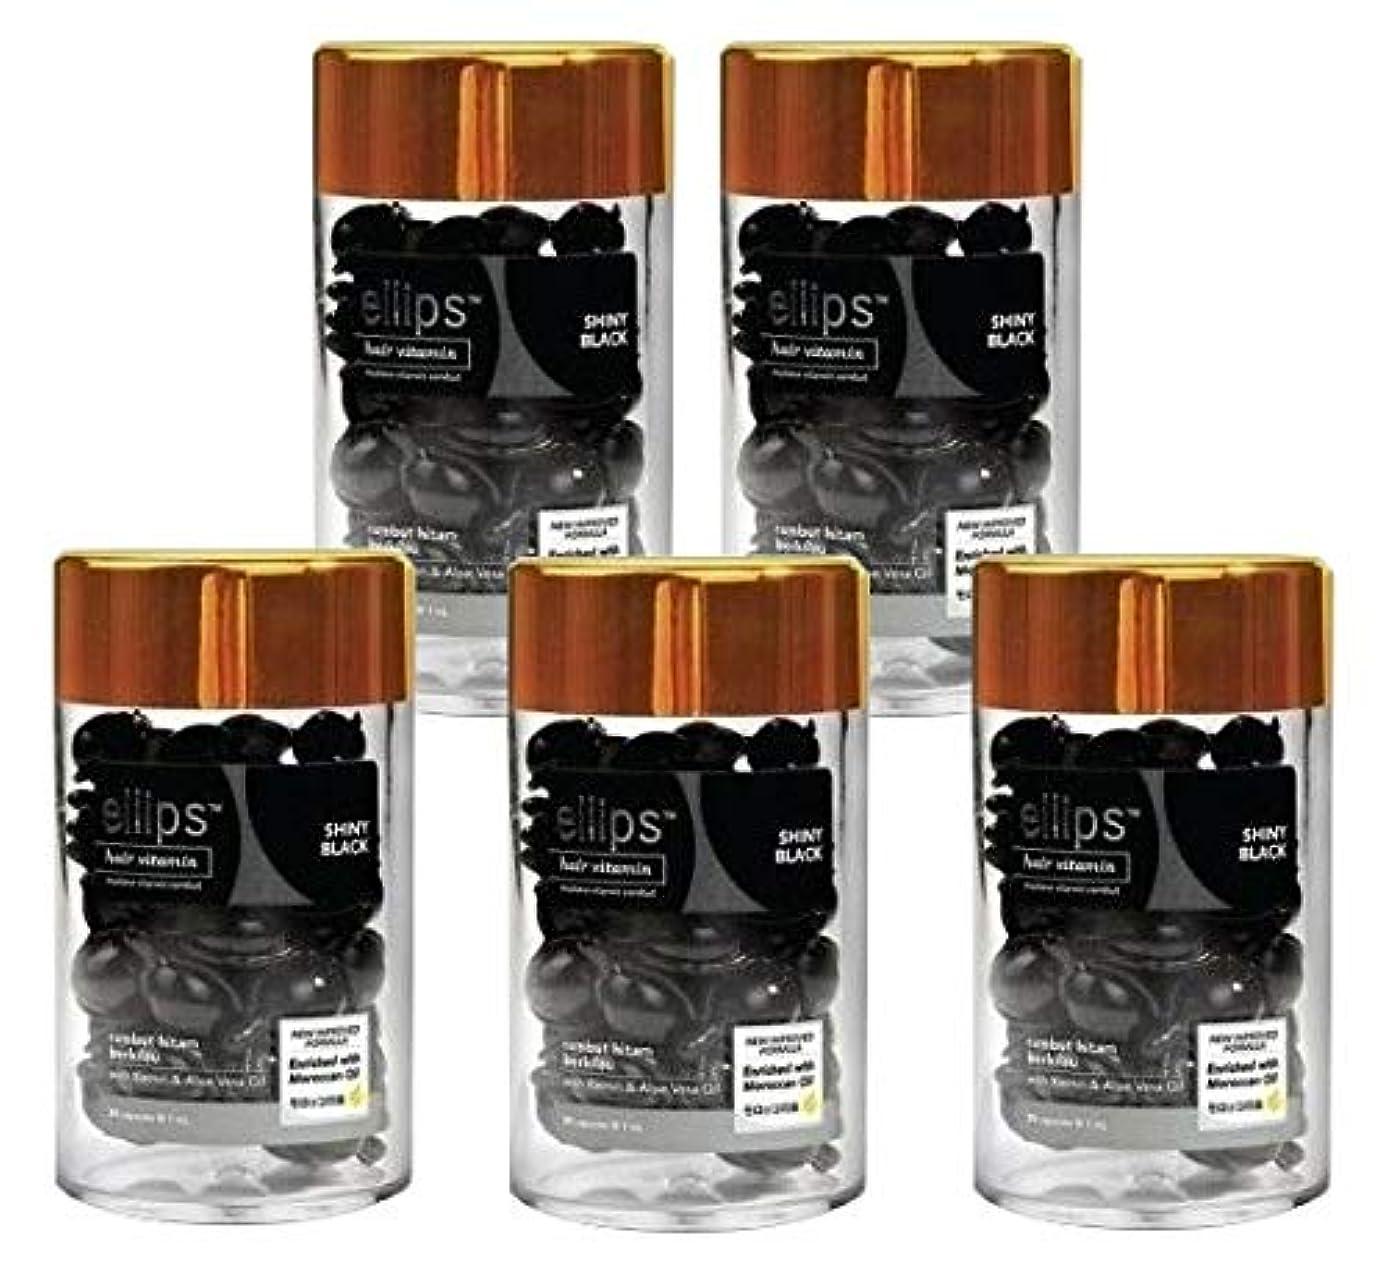 贈り物自然公園政令エリップス ellips ヘアビタミン ヘアトリートメント 50粒 ボトル ブラック お得な5本セット [並行輸入品]